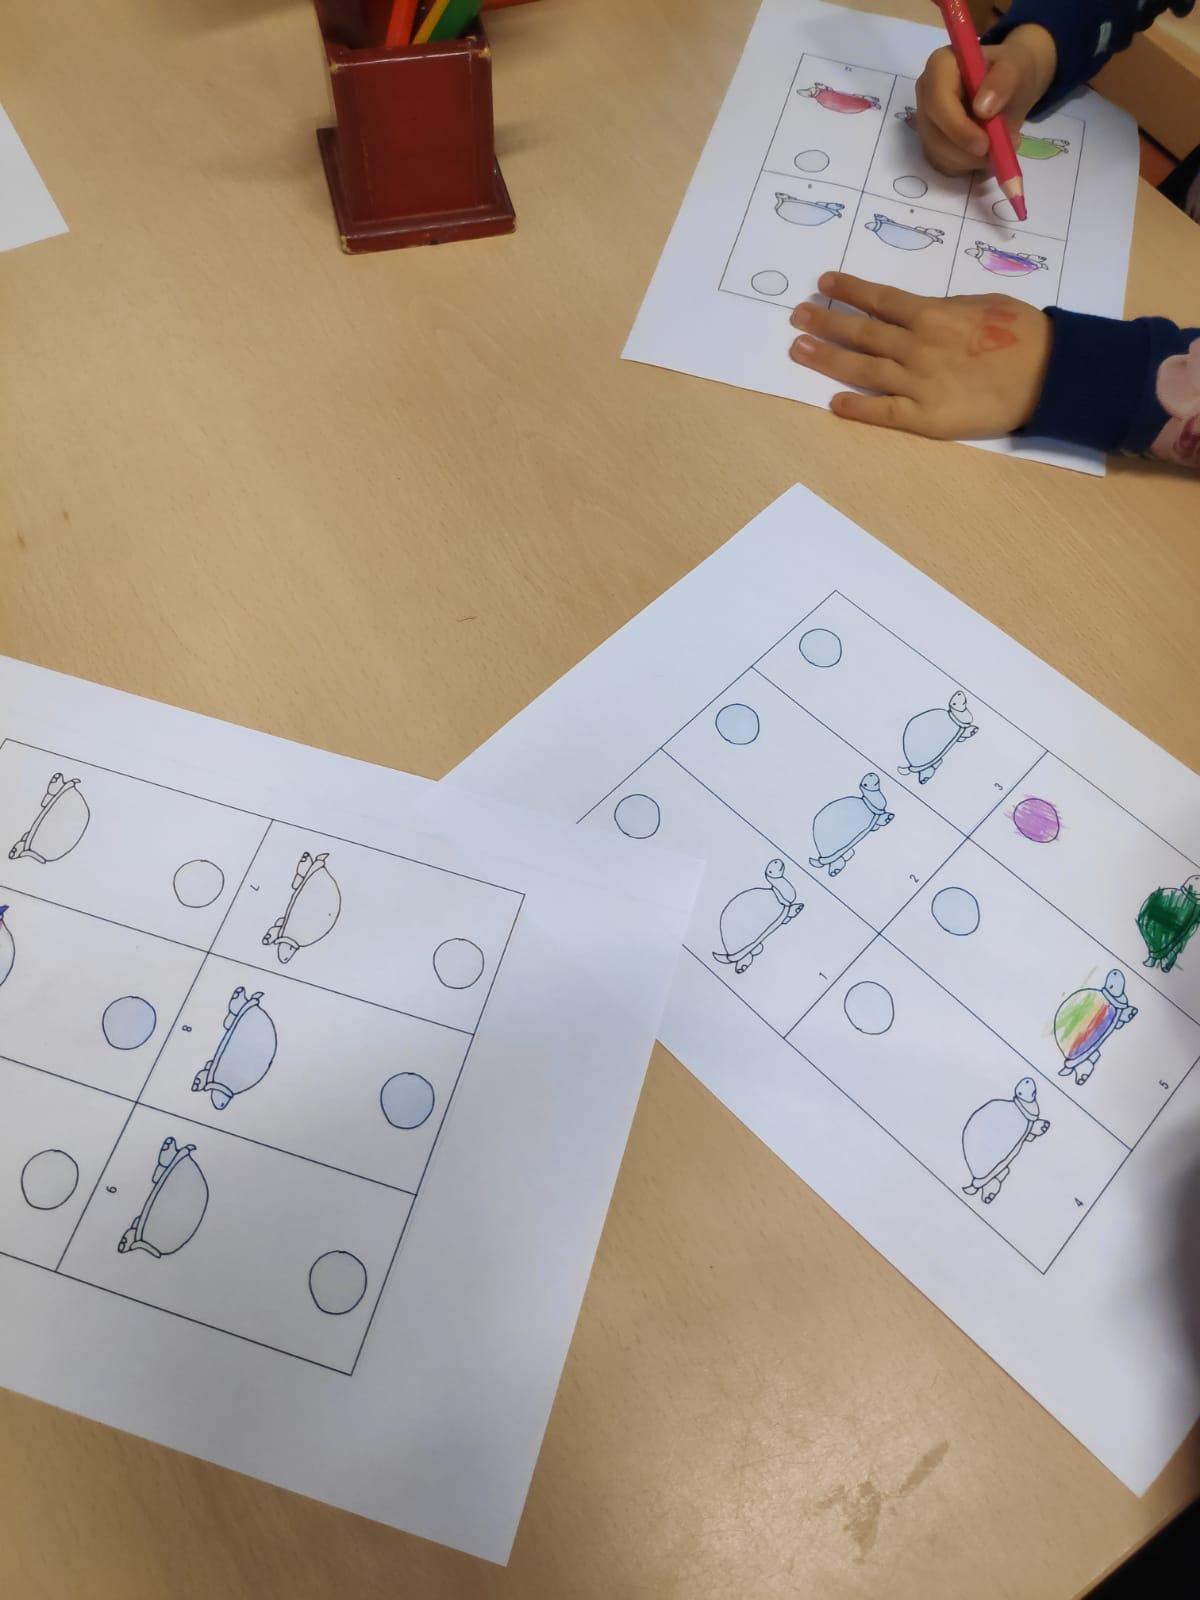 Workshop Islamitische school - kinderen aan het werk